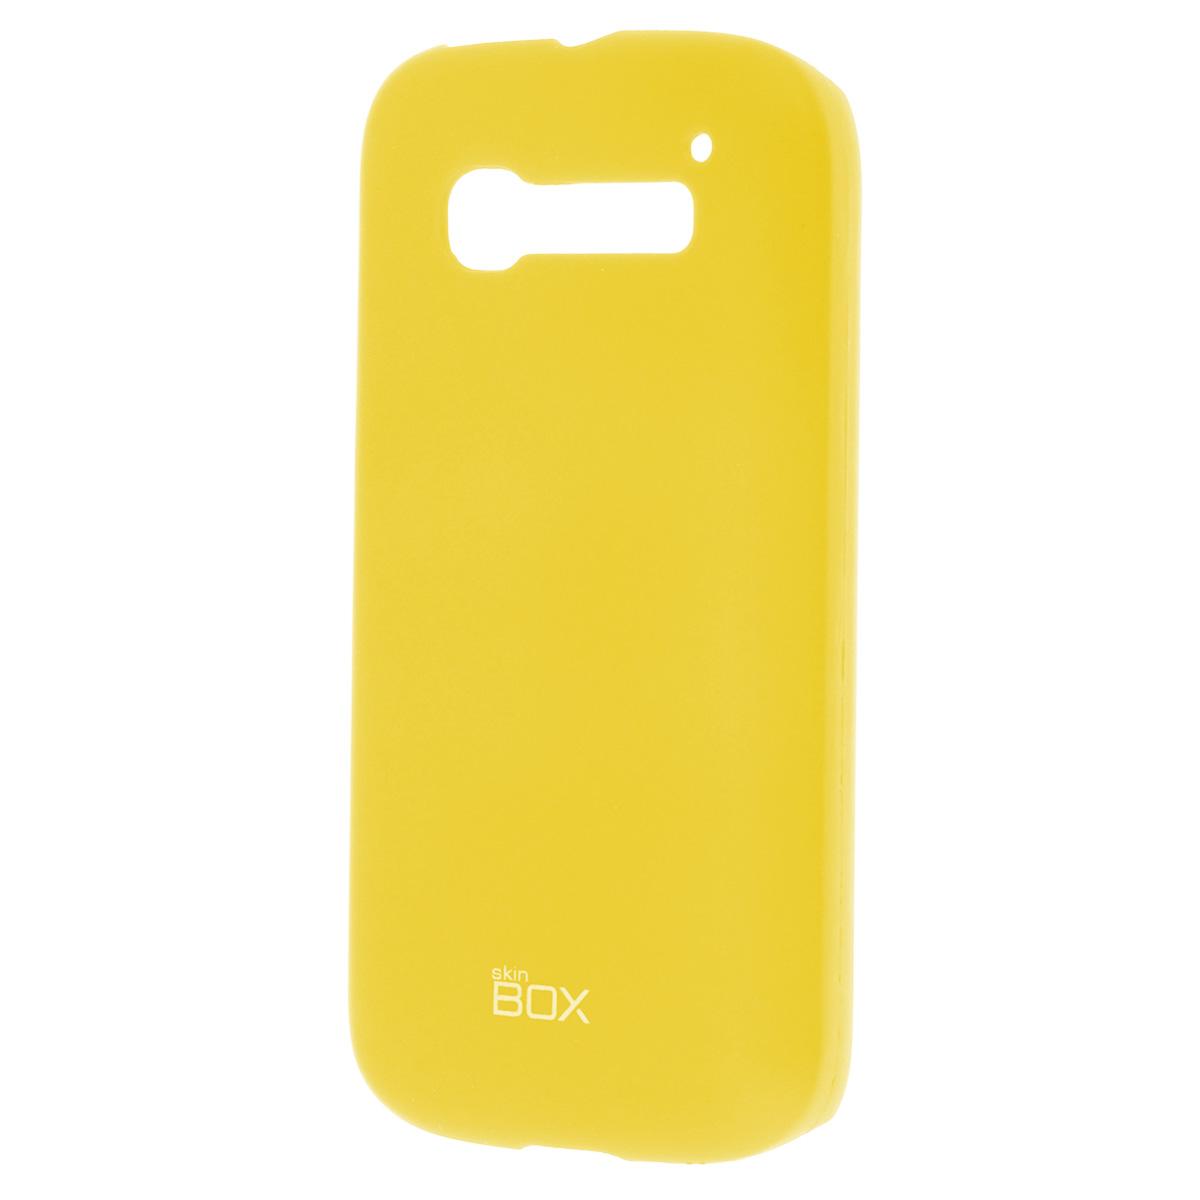 Skinbox Shield 4People чехол для Alcatel 5036D С5, YellowT-S-A5036D-002Чехол Skinbox Shield 4People для Alcatel One Touch Pop C5 предназначен для защиты корпуса смартфона от механических повреждений и царапин в процессе эксплуатации. Имеется свободный доступ ко всем разъемам и кнопкам устройства. В комплект также входит защитная пленка на экран телефона.